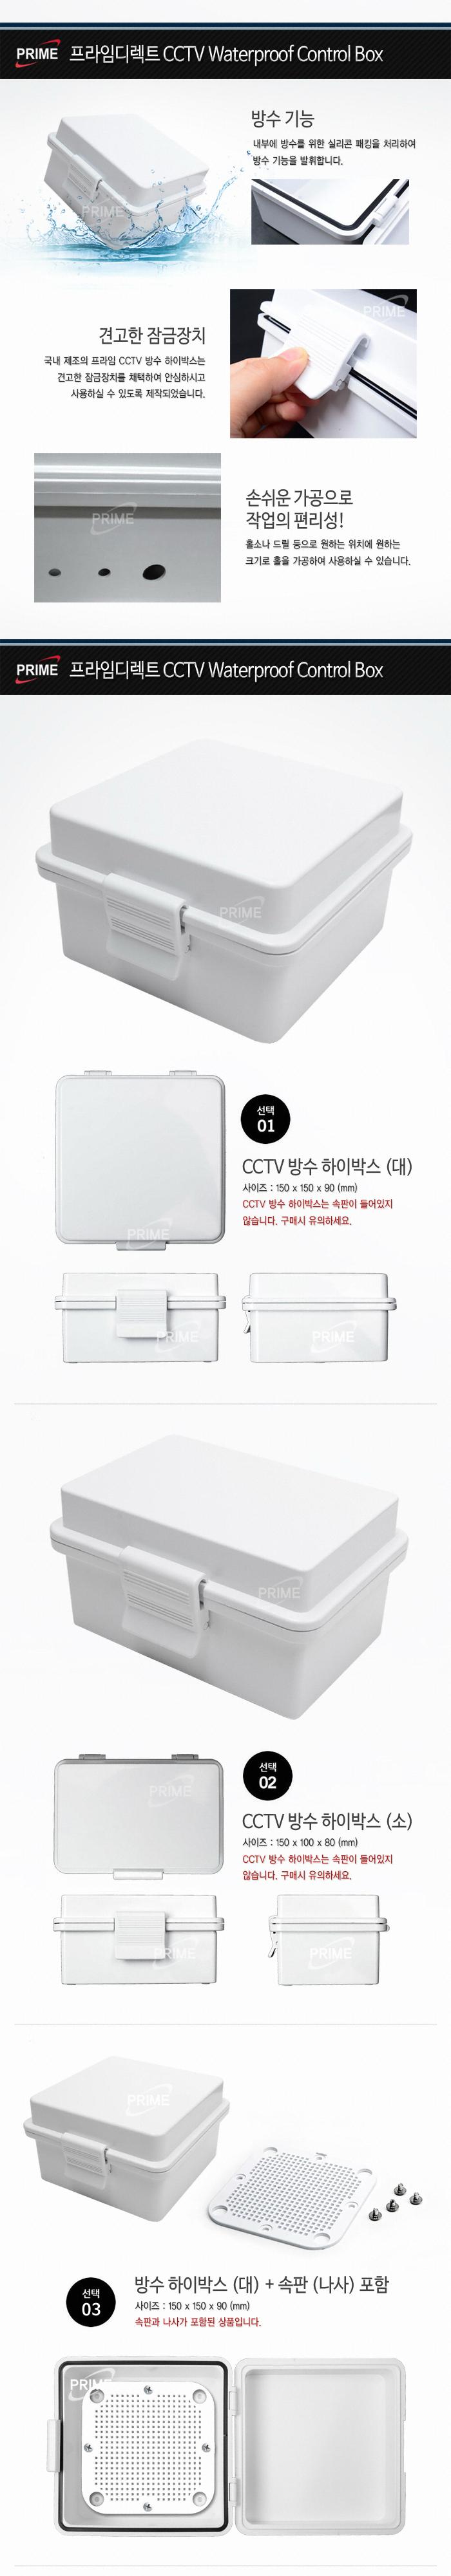 프라임디렉트 프라임 CCTV 방수 하이박스 속판포함 (소형)